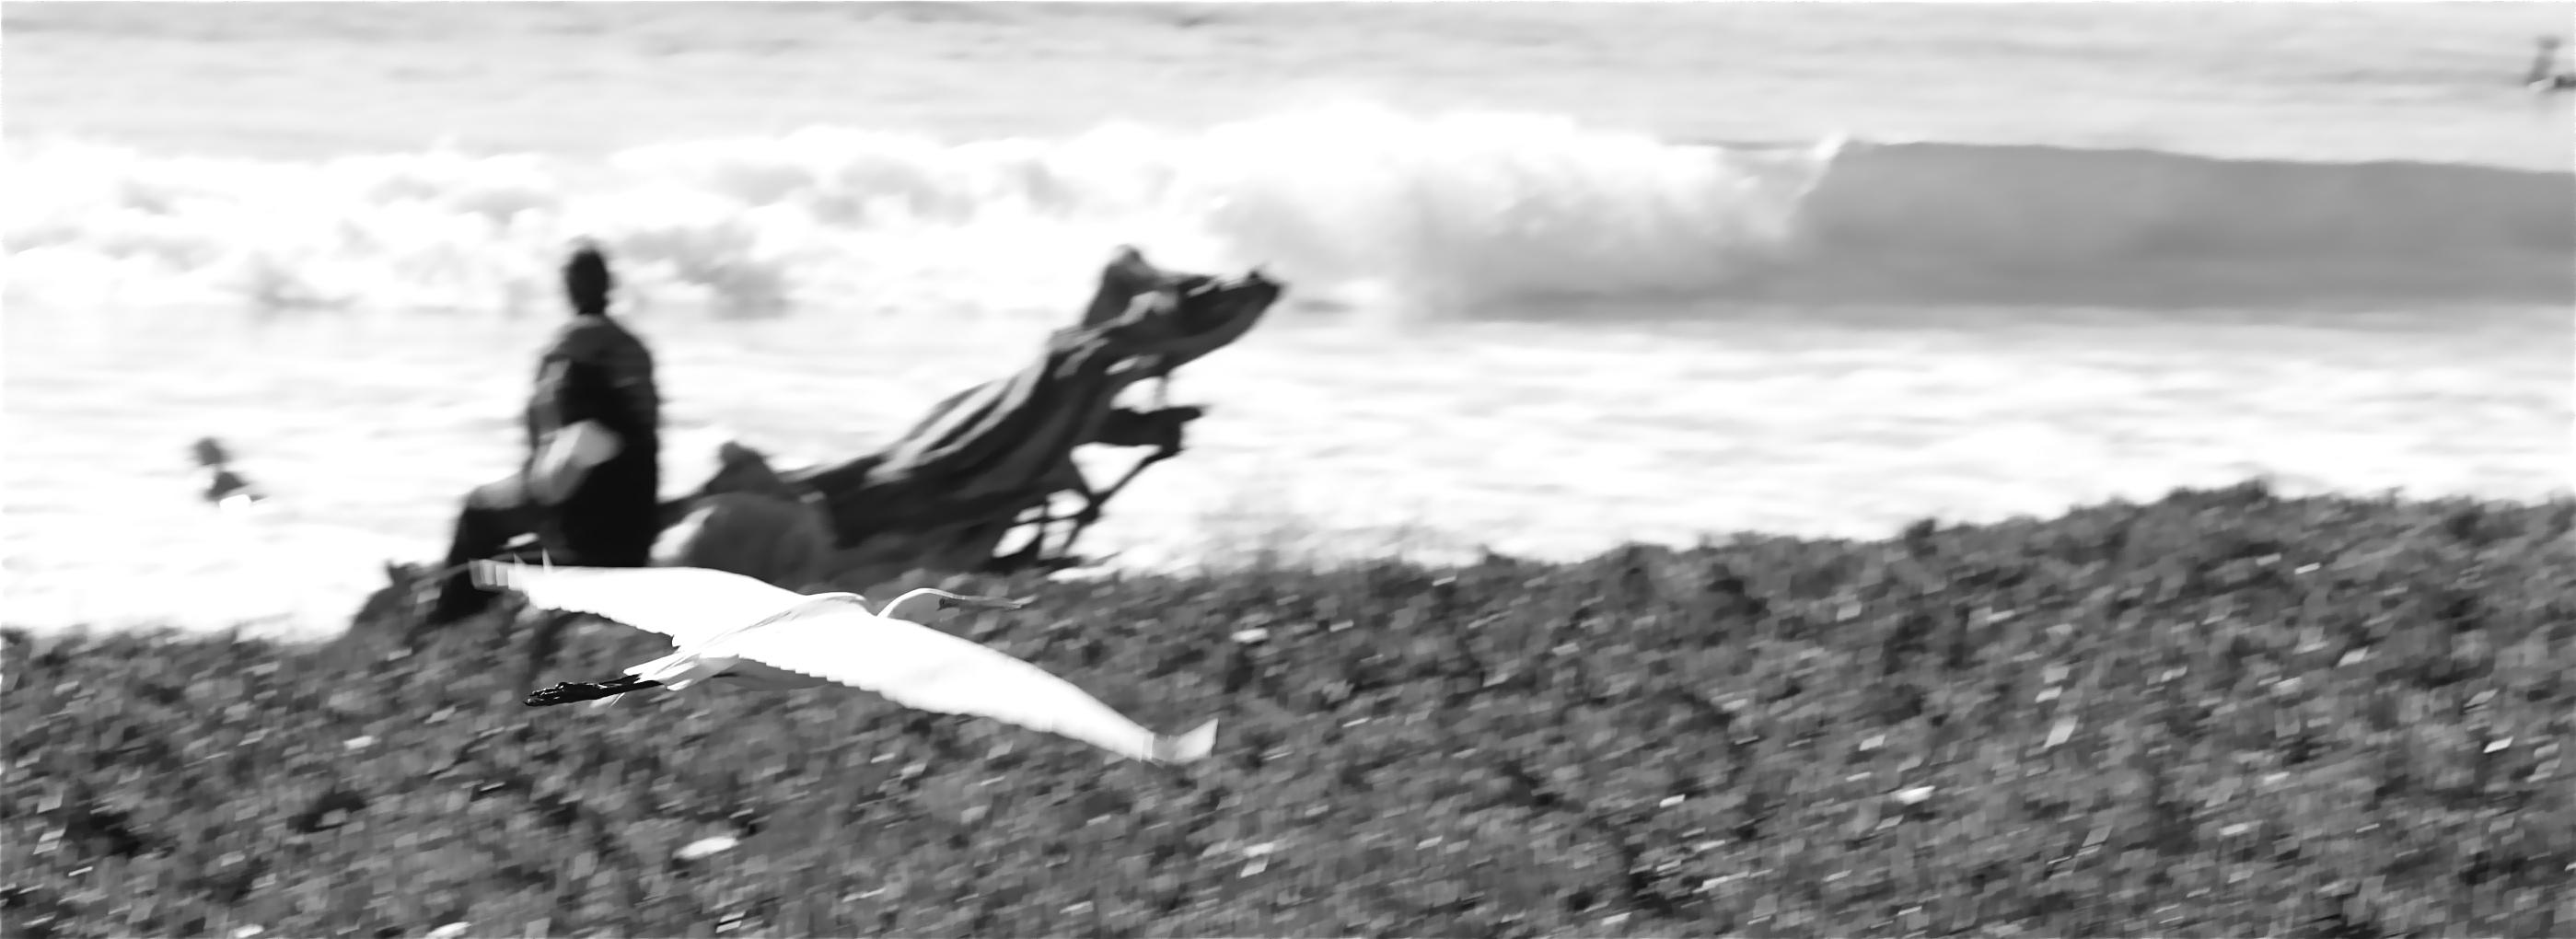 EGRET+SURF